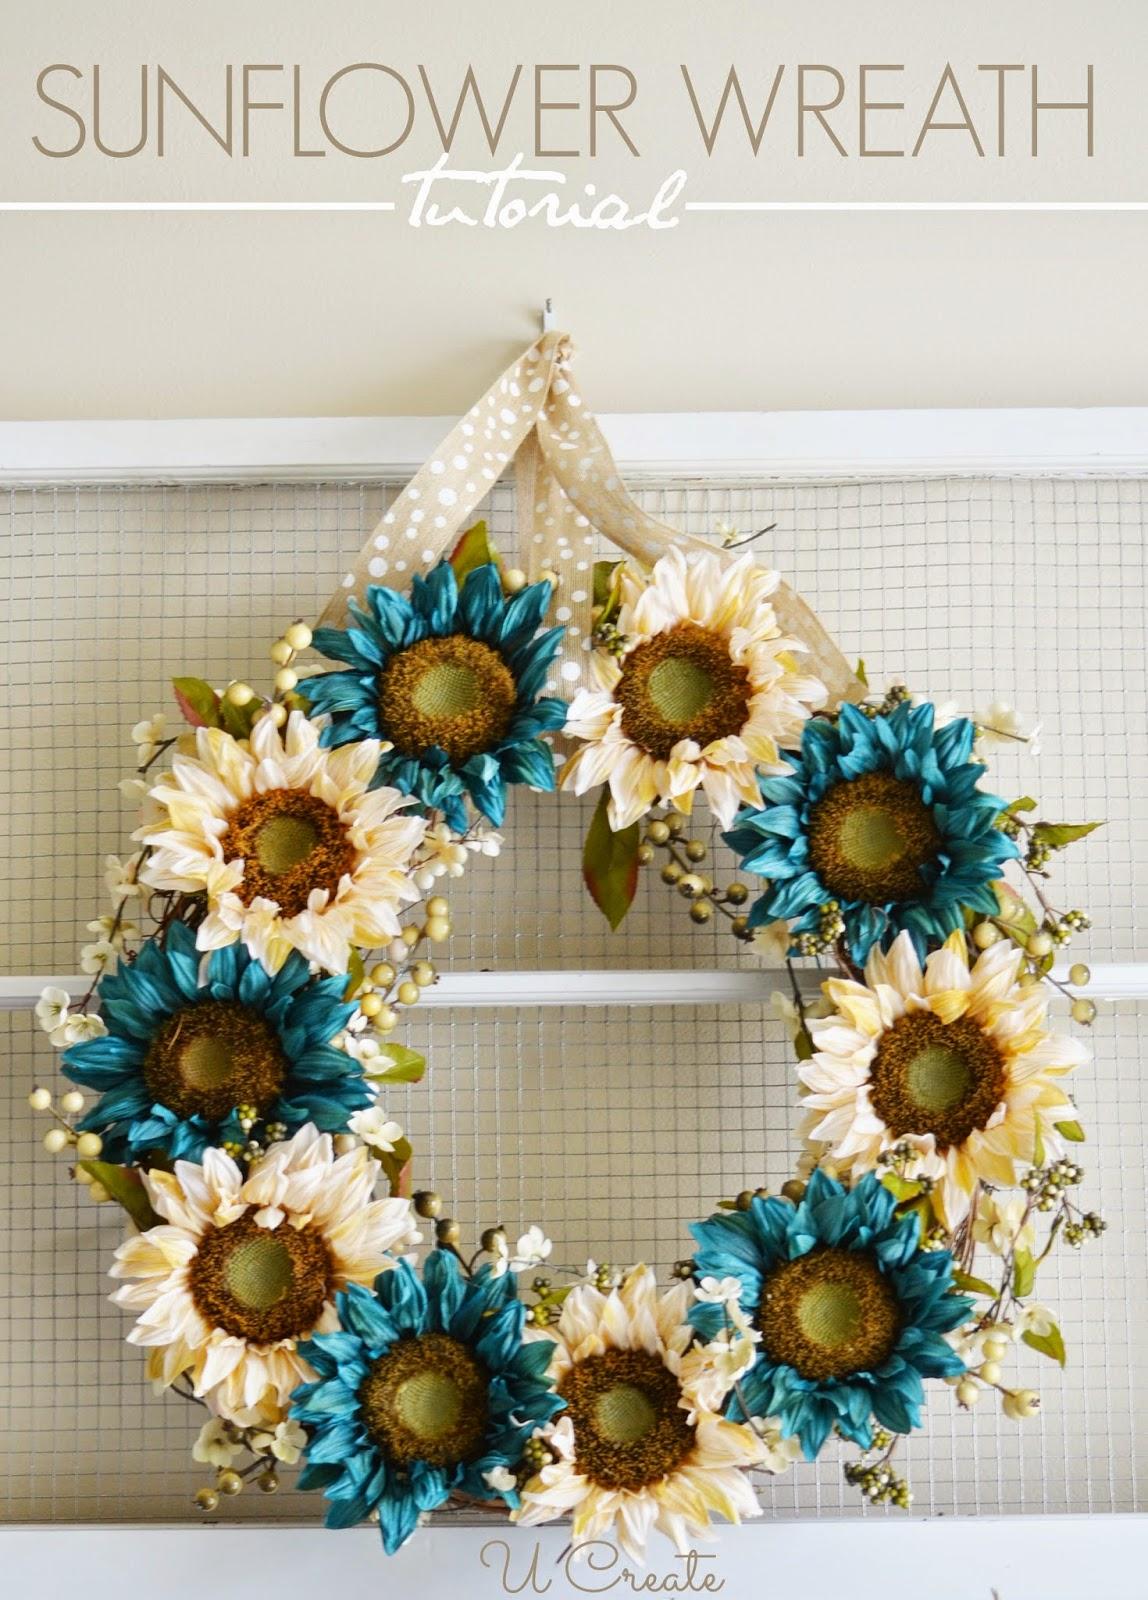 http://1.bp.blogspot.com/-LVQz-JJwtEo/VBdT8sip4rI/AAAAAAAAPbY/4xvZ4LCeNZc/s1600/Sunflower-Wreath-Tutorial.jpg